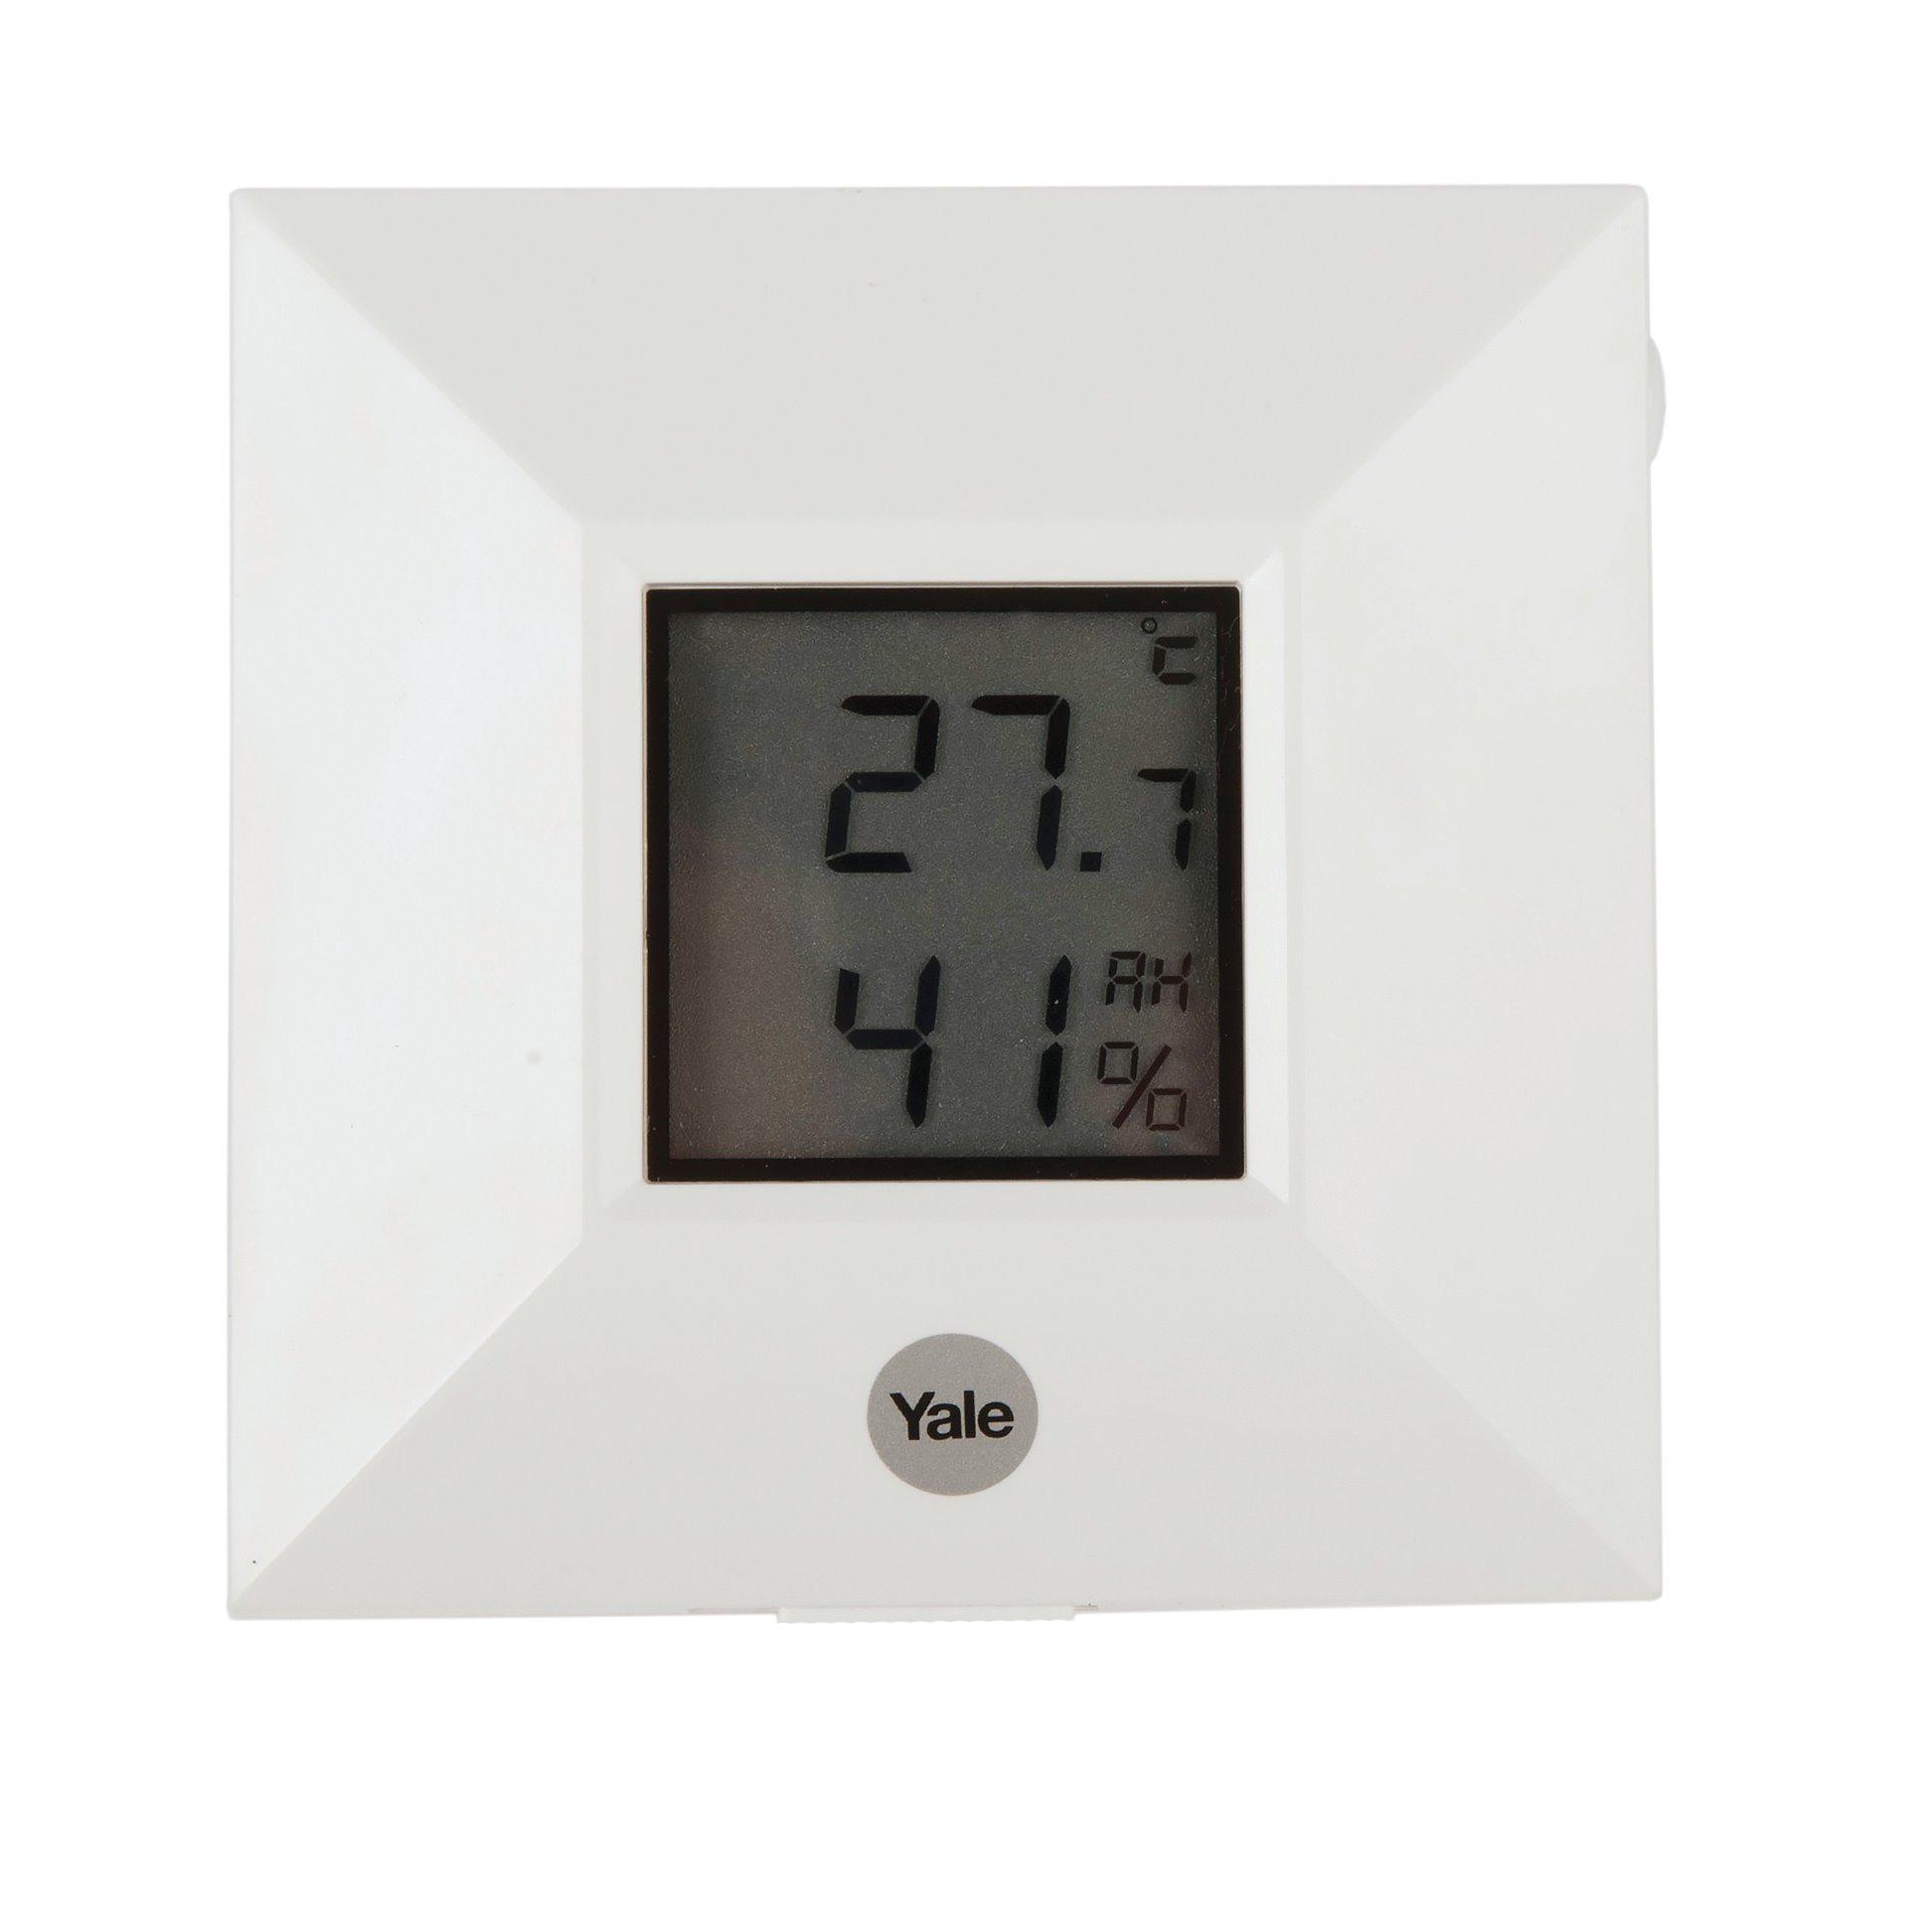 Temperatur- og fuktighetssensor